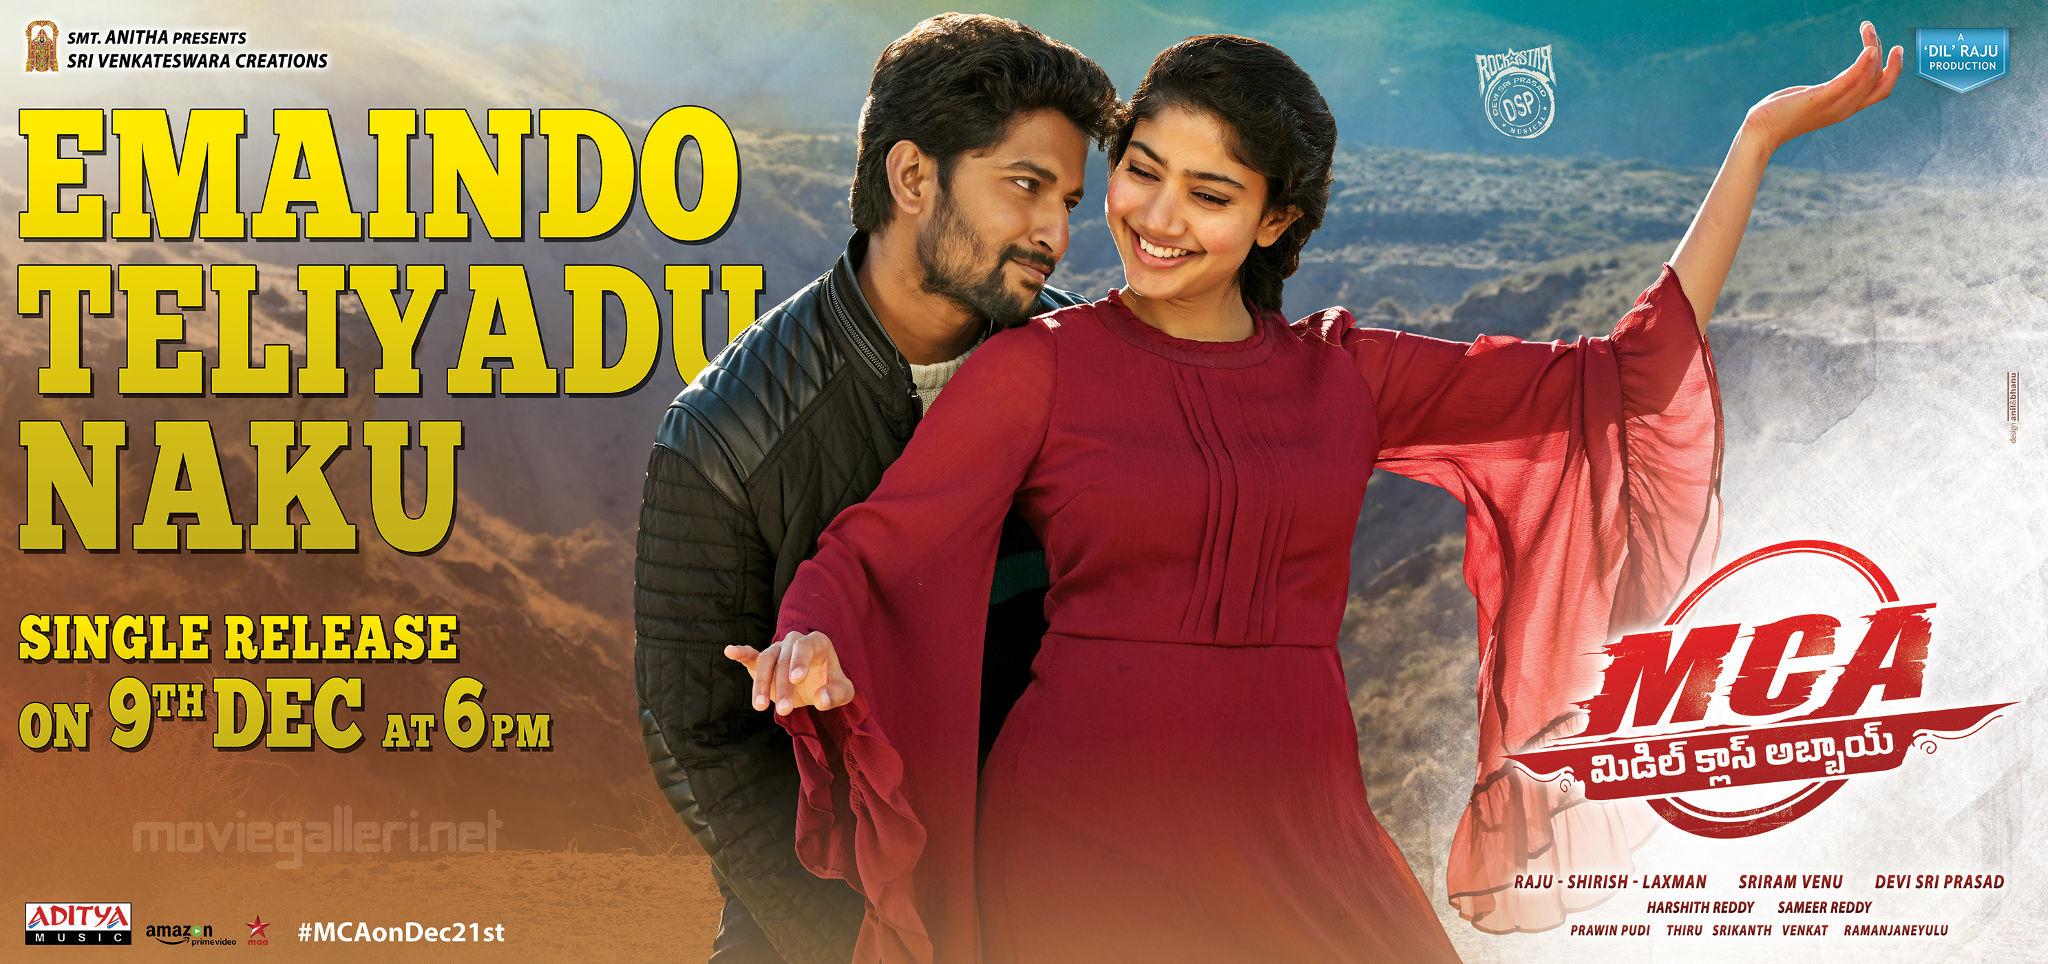 Nani Sai Pallavi MCA Movie Emaindo Teliyadu Naku Single Release Wallpaper